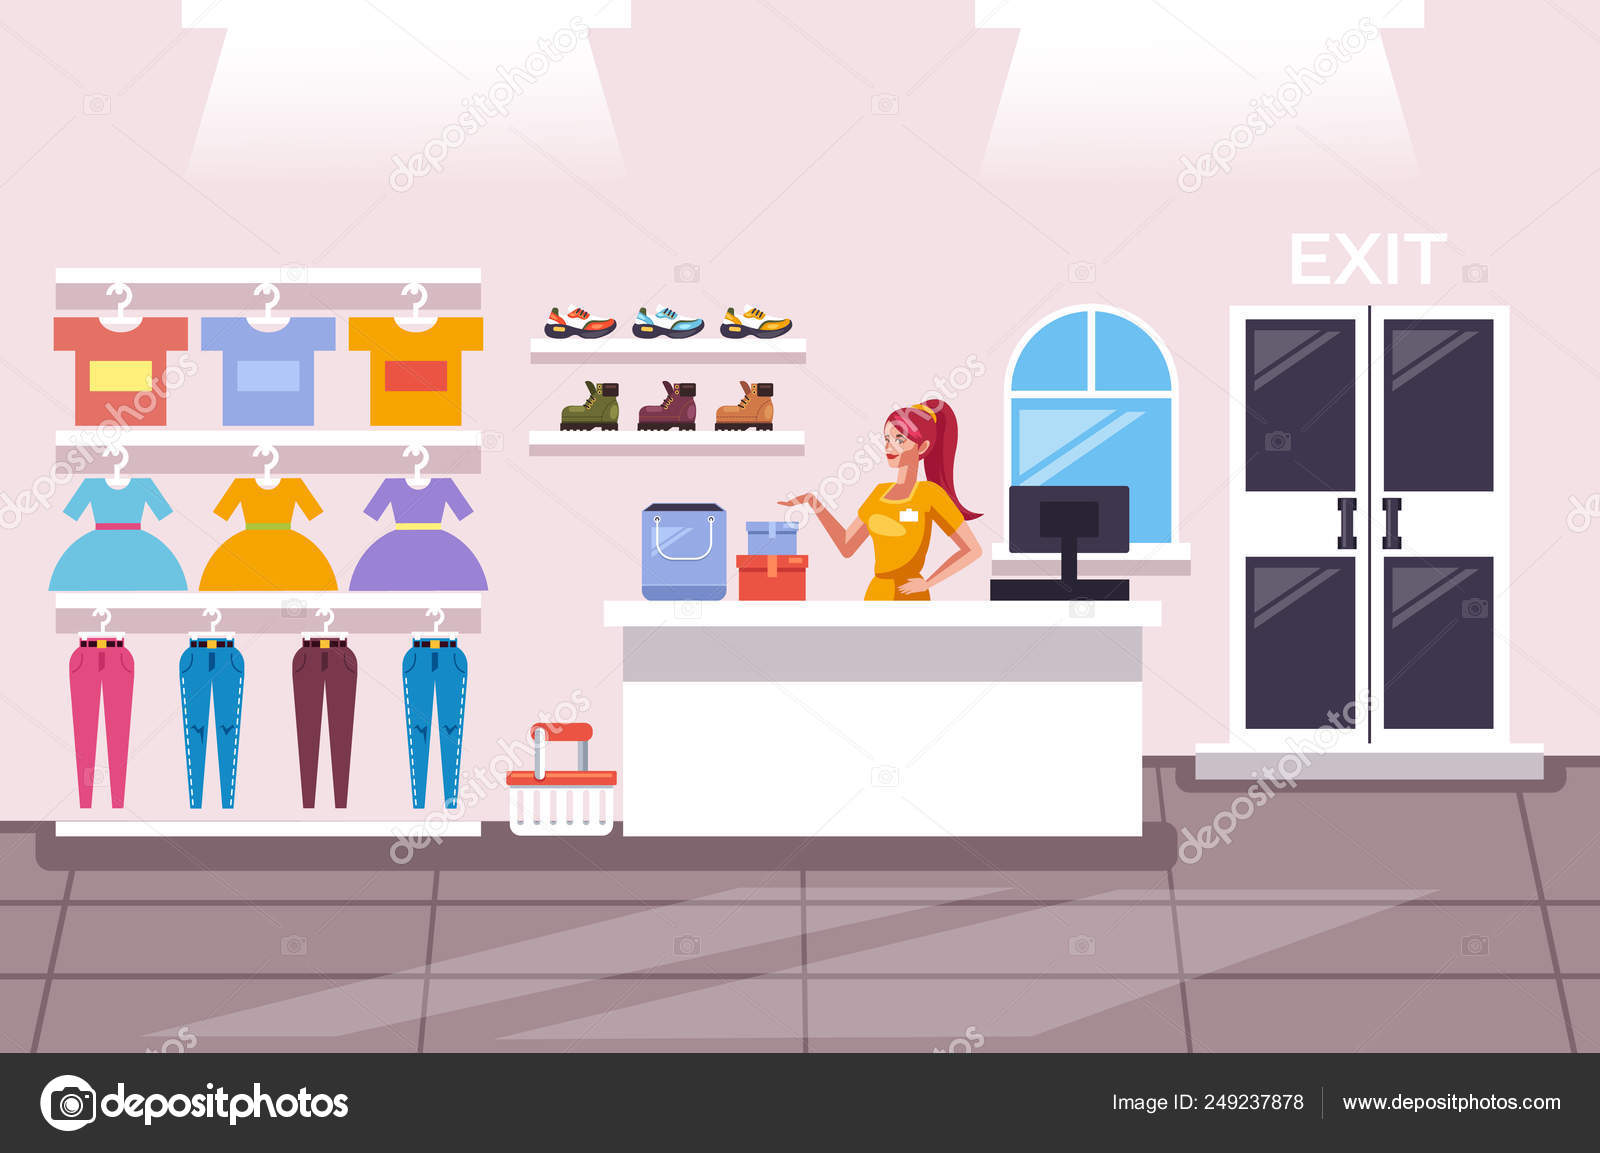 bab48858513a Tienda Ropa Tienda Showroom Para Niña Dama Mujer Concepto Servicio ...